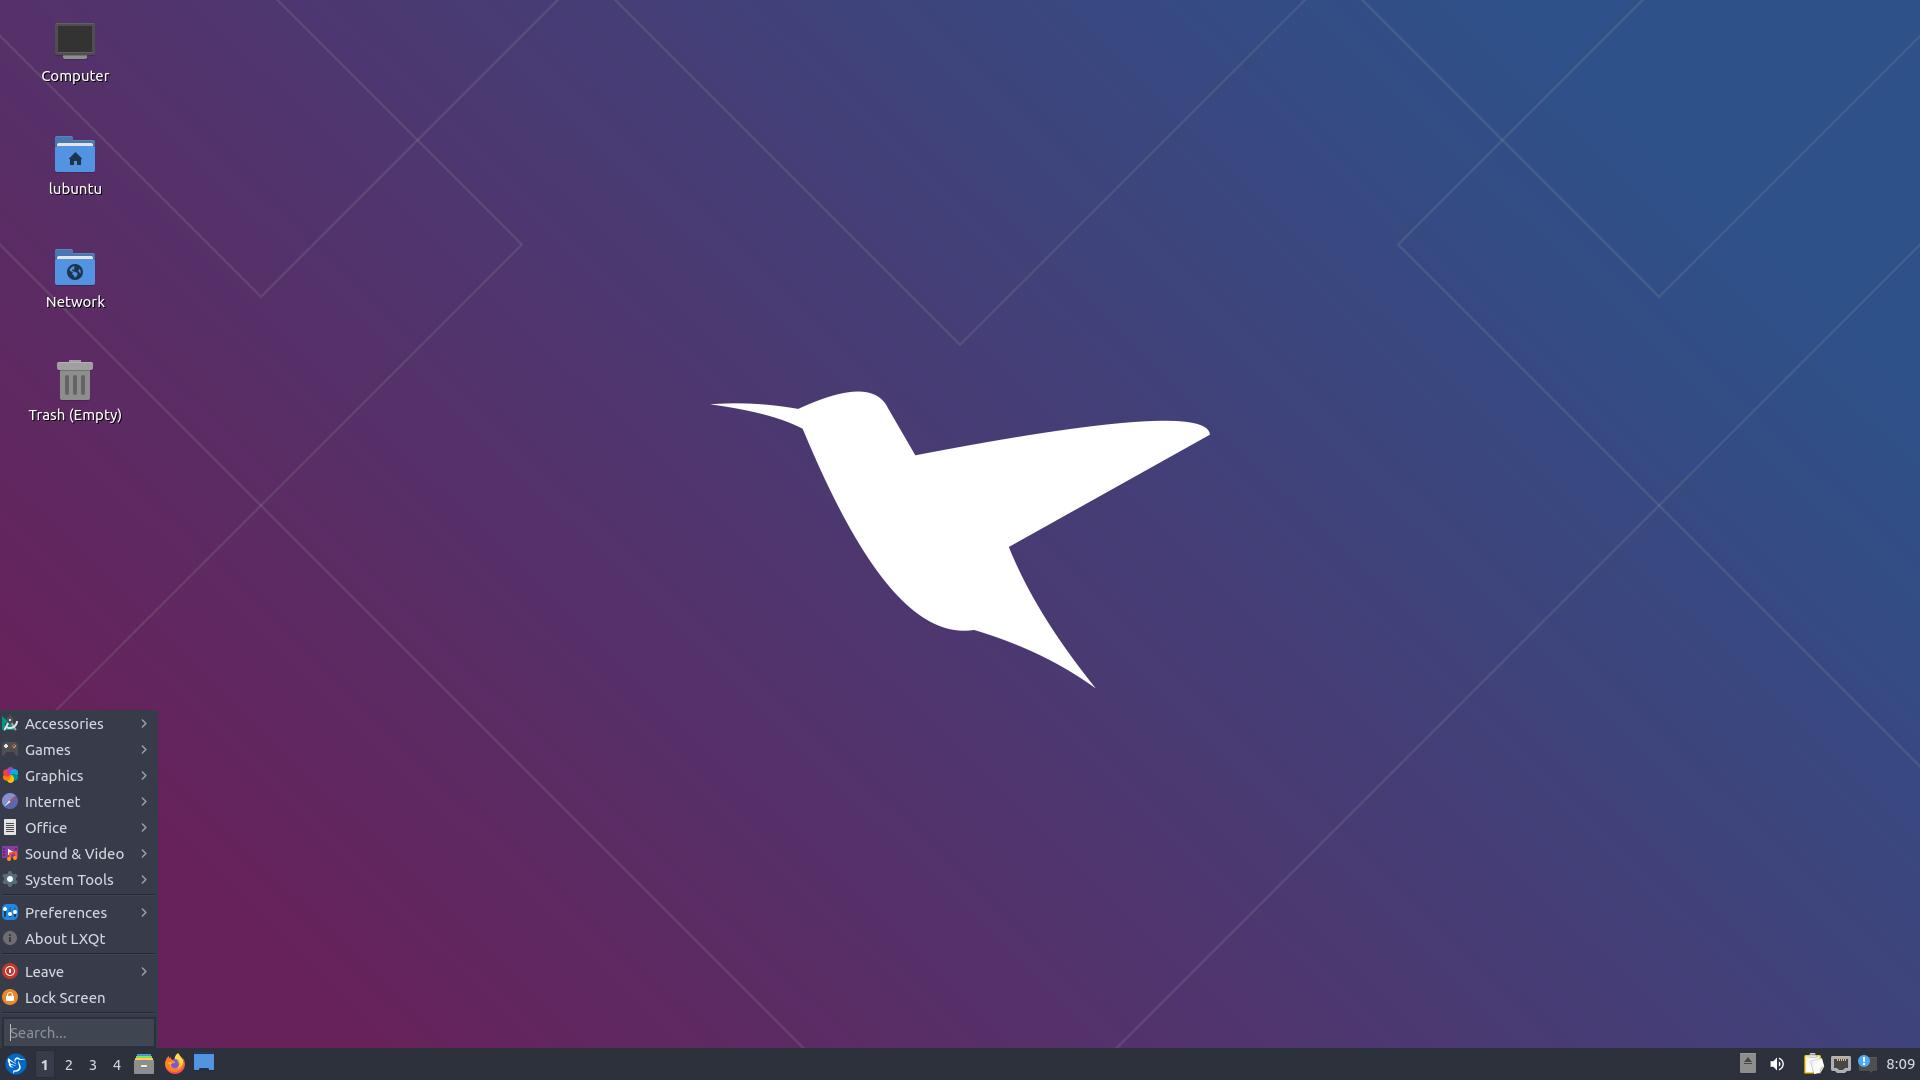 Tela incial de um dos sistemas operacionais mais leves, o Lubuntu.